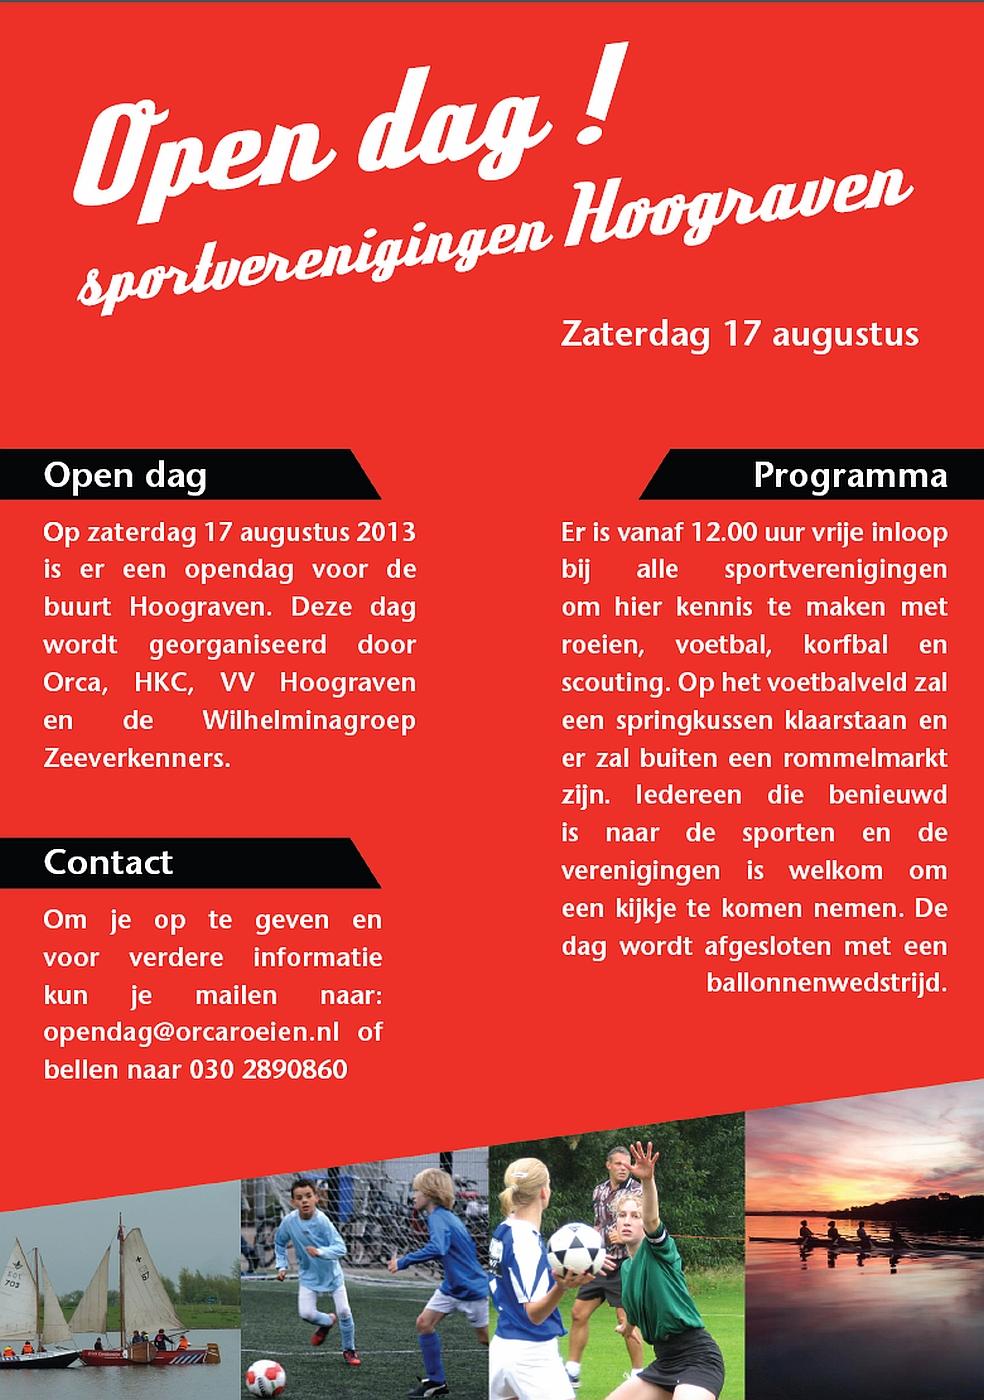 Sportverenigingen Hoograven 17 augustus 2013